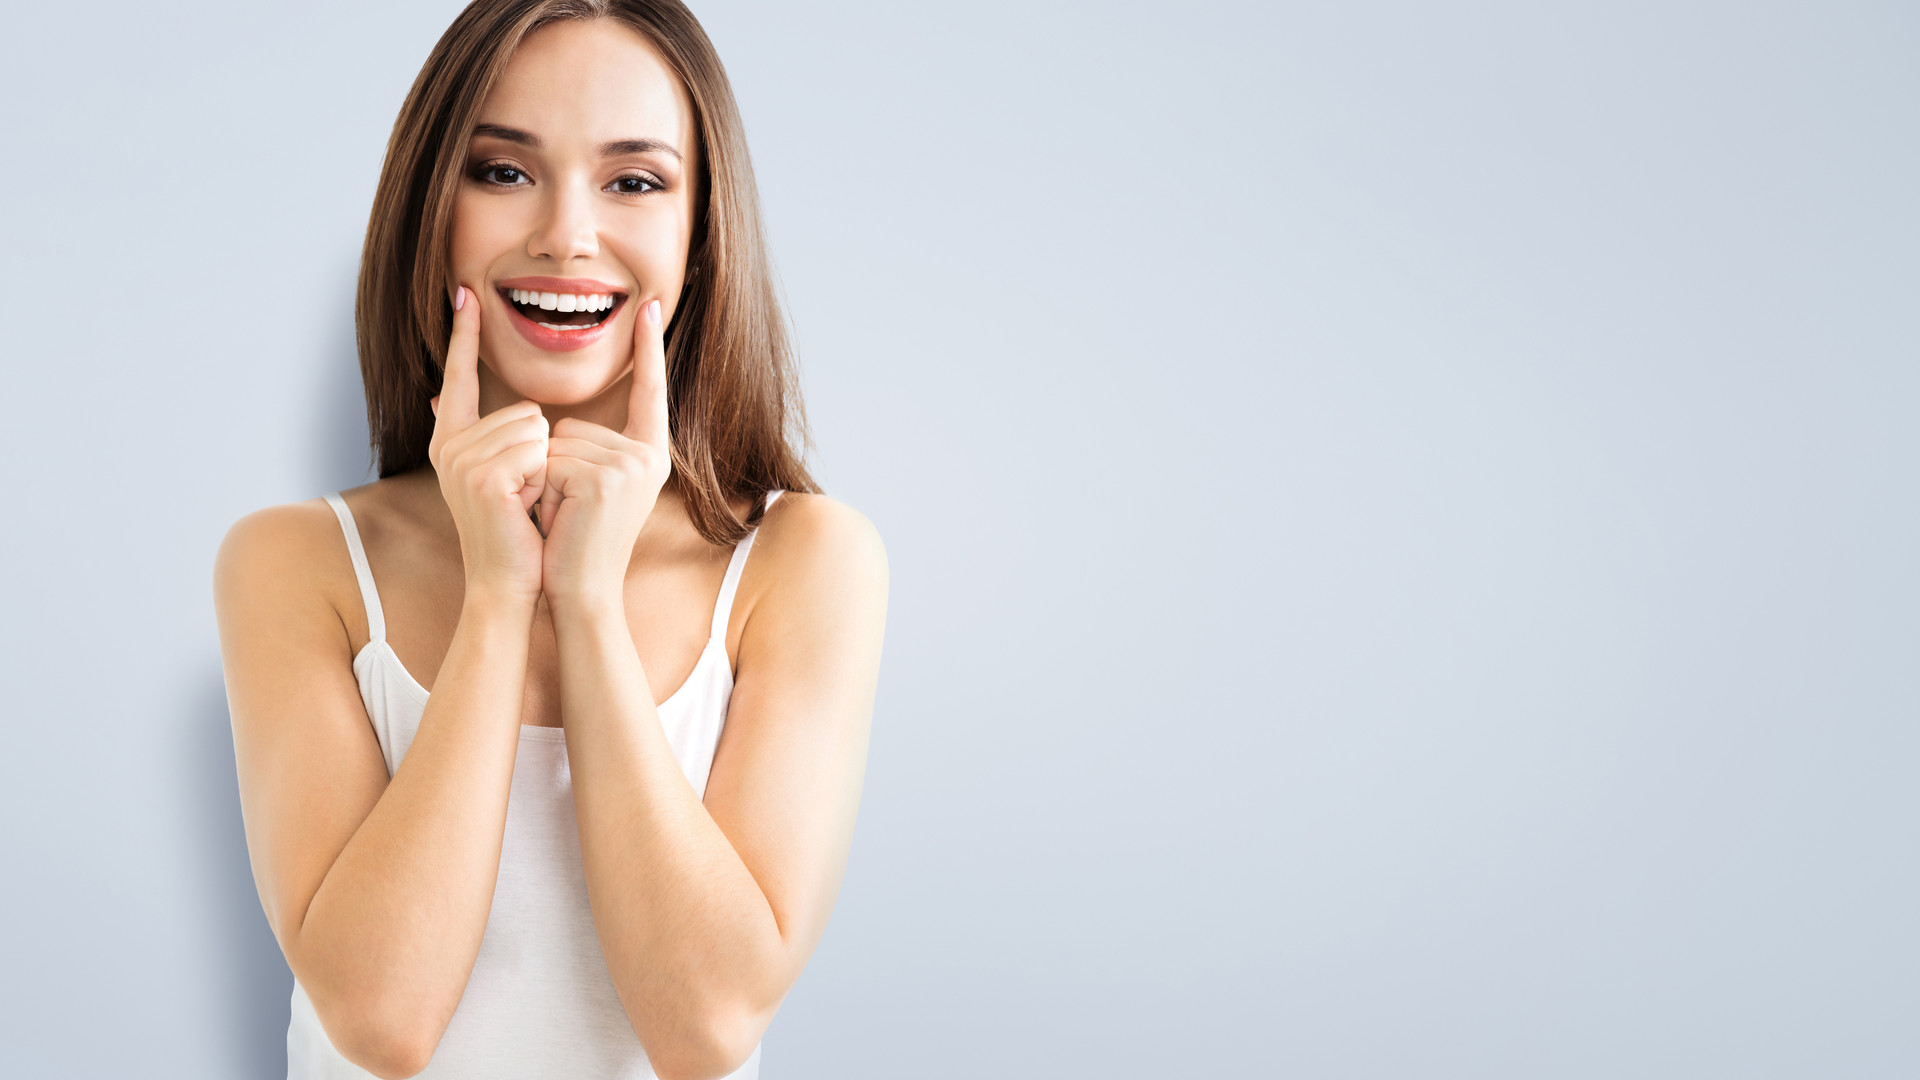 Frau zeigt ihr Lachen